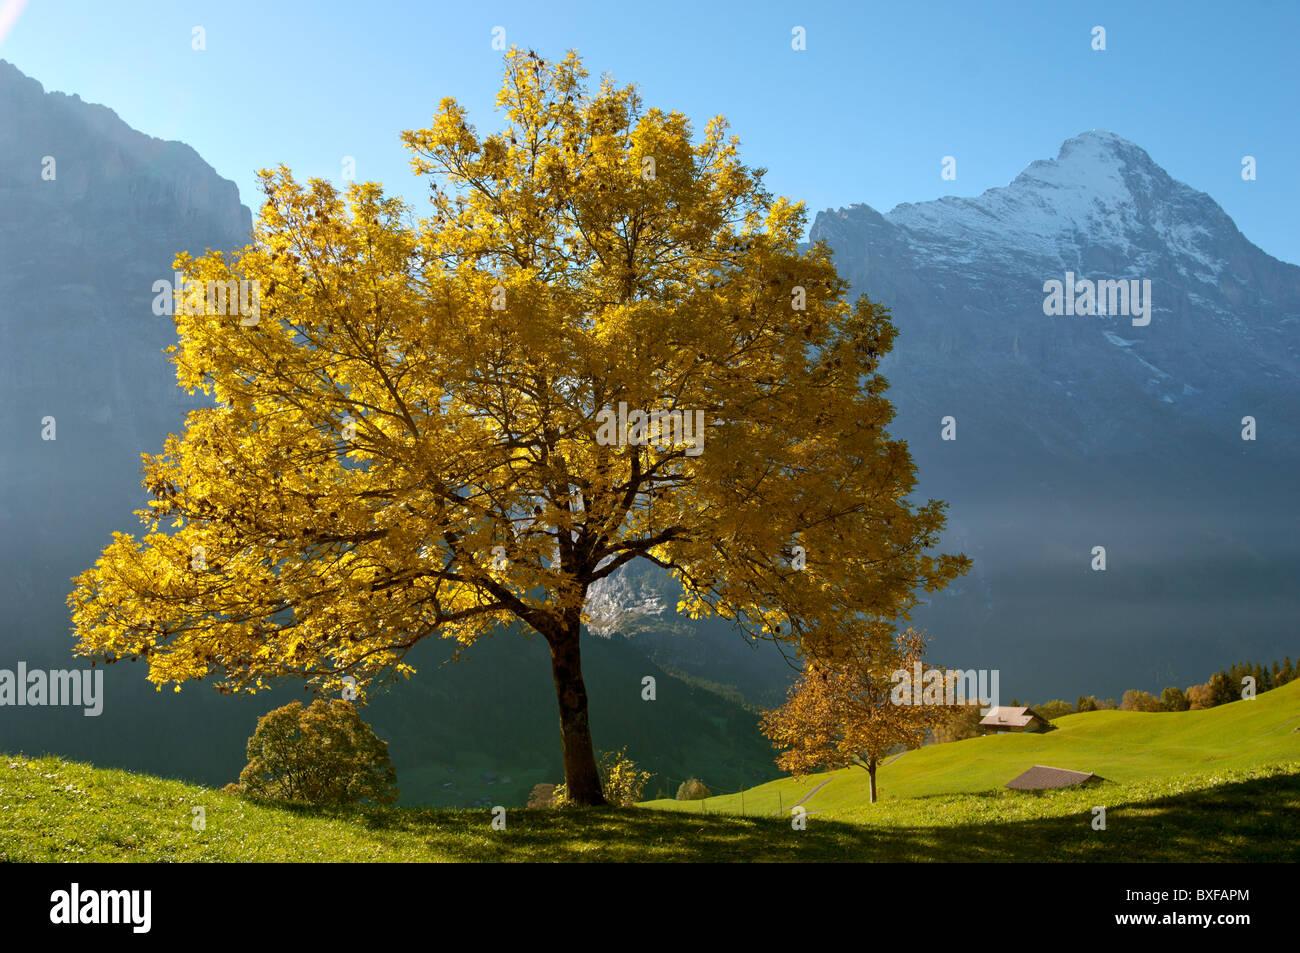 Les arbres d'automne dans les Alpes Suisses, Grindelwald, Suisse Photo Stock